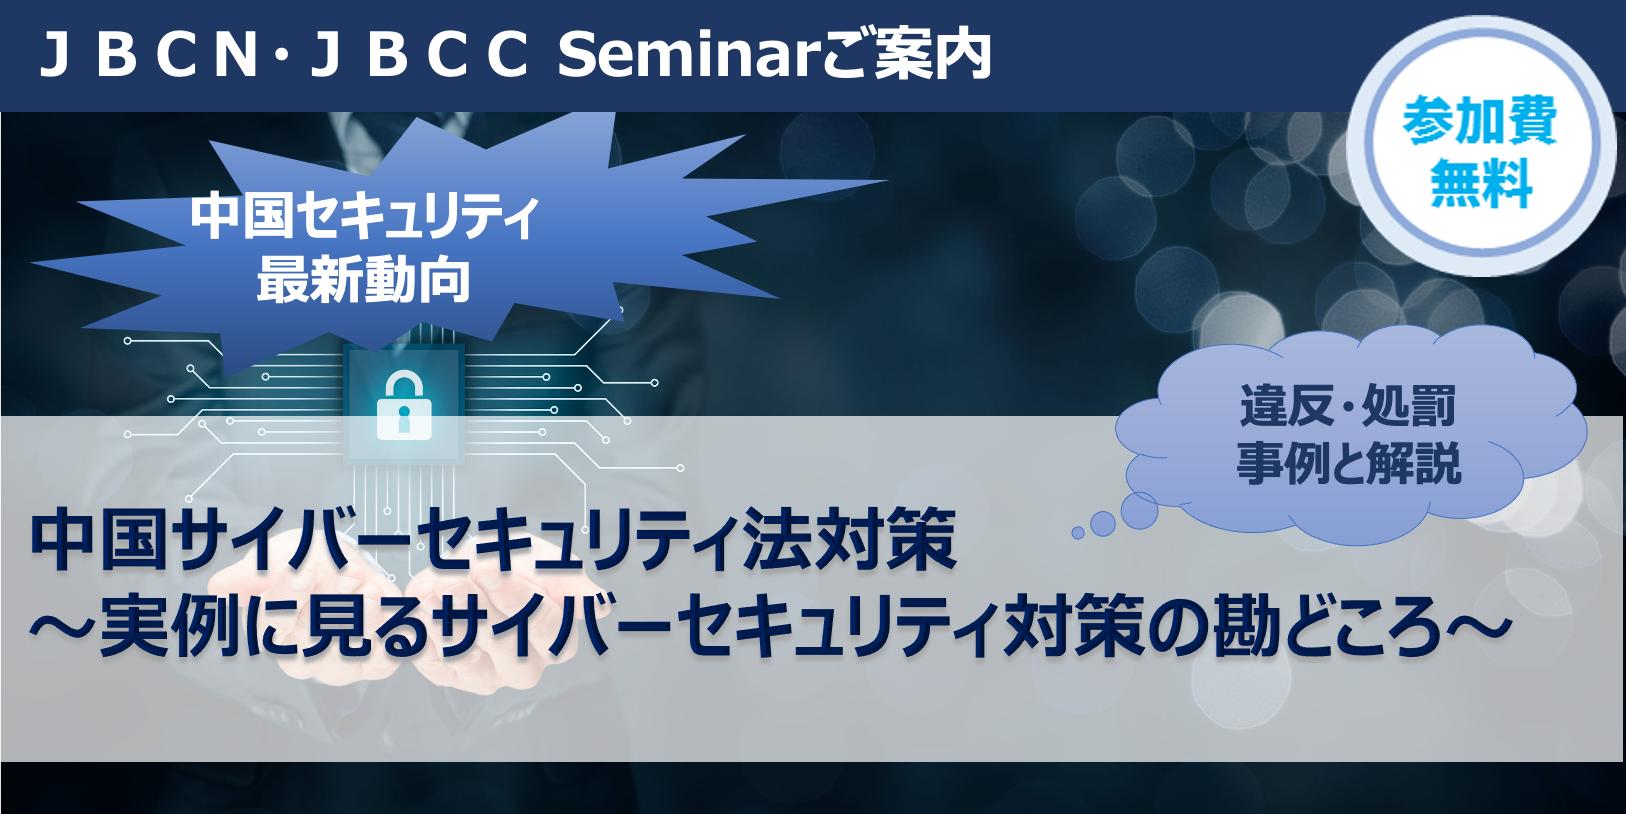 8日JBCNセミナー